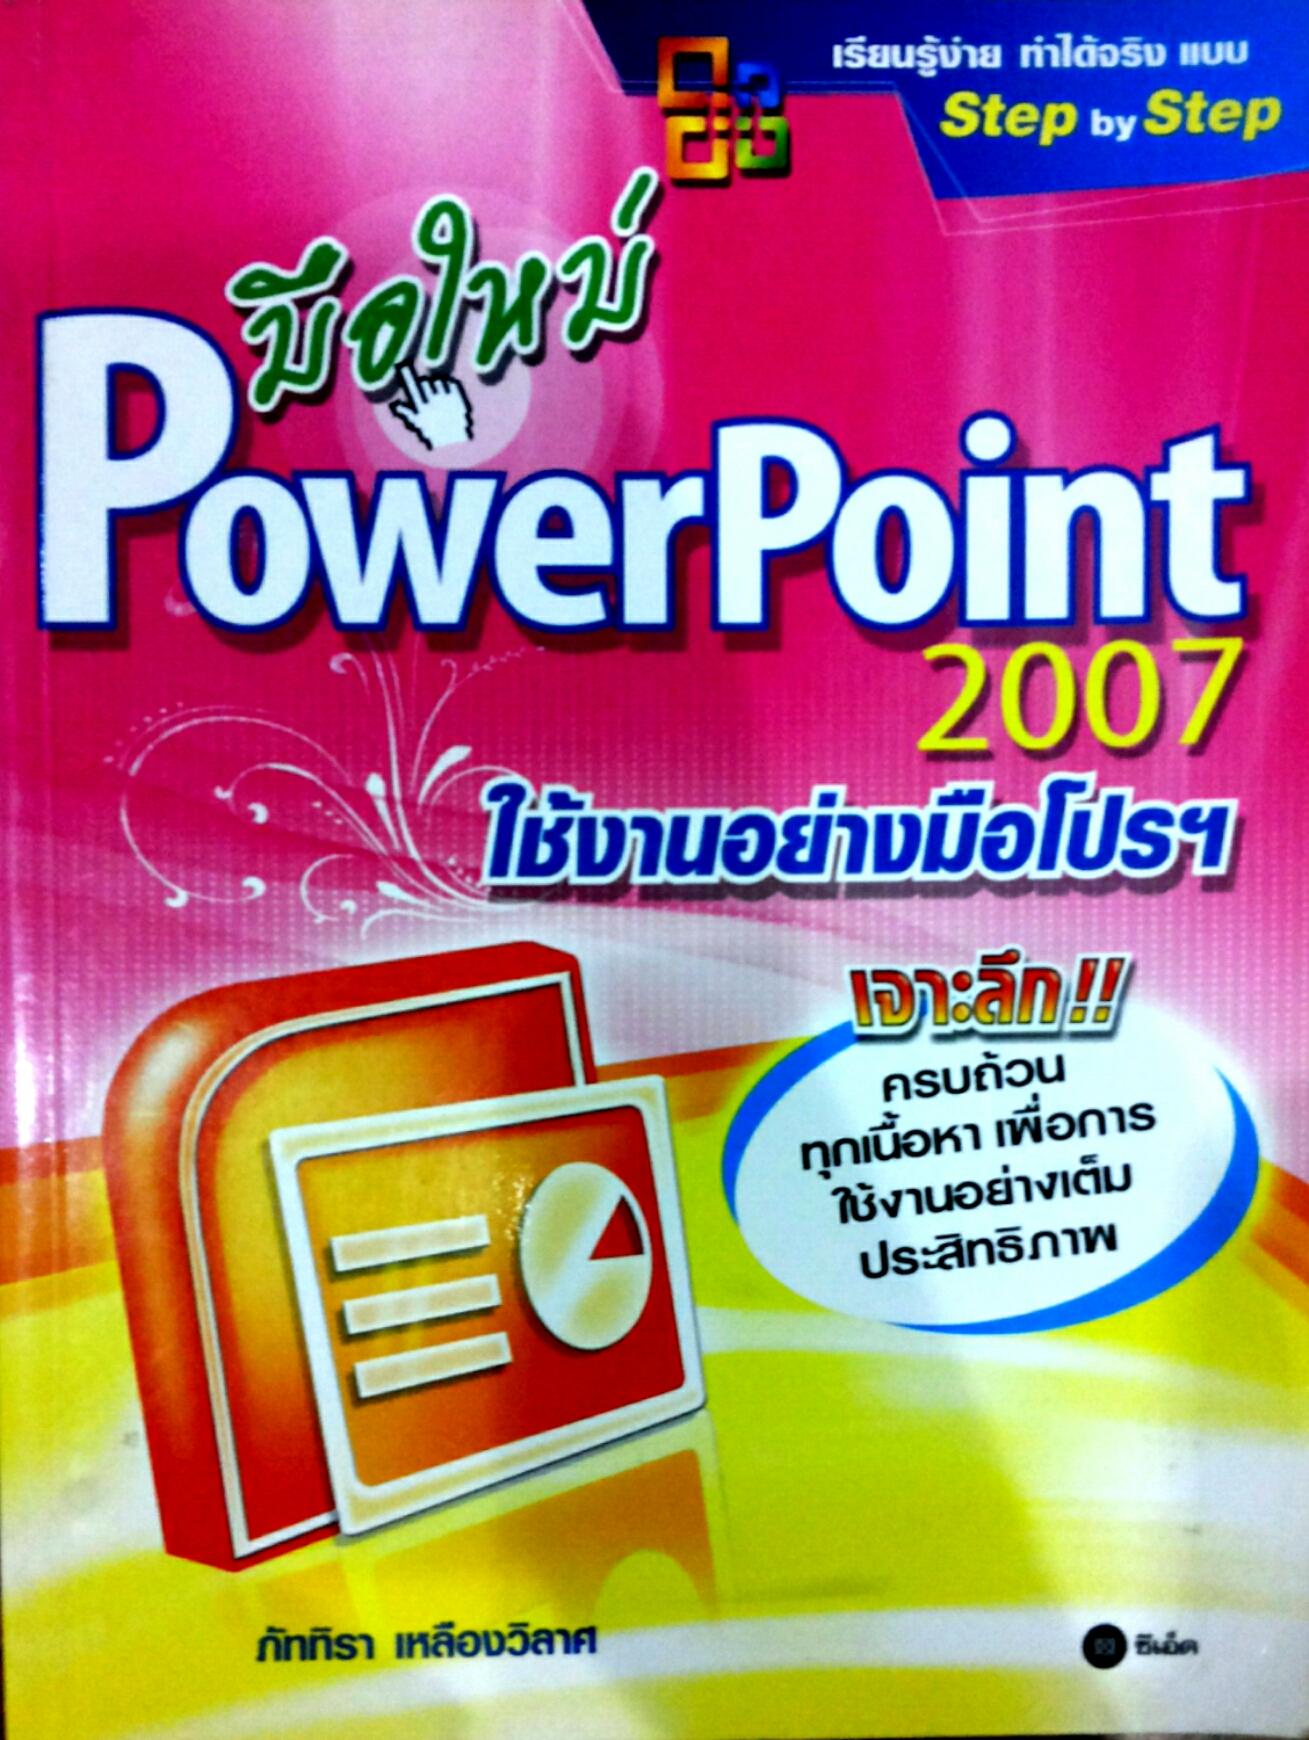 มือใหม่ PowerPoint 2007 ใช้งานอย่างมือโปรฯ